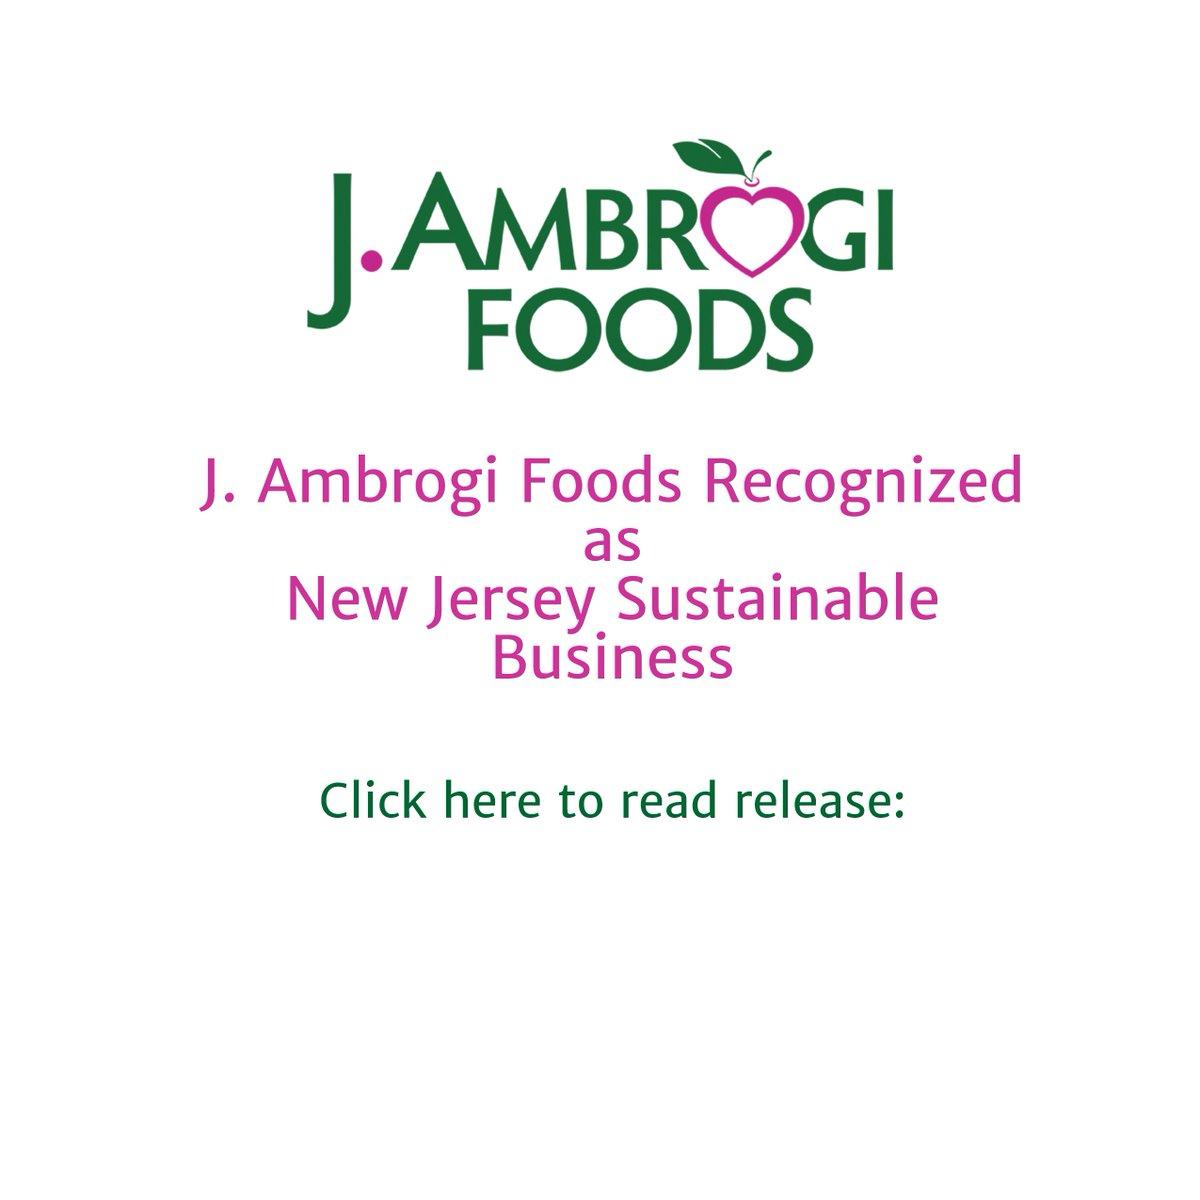 J  Ambrogi Foods on Twitter: